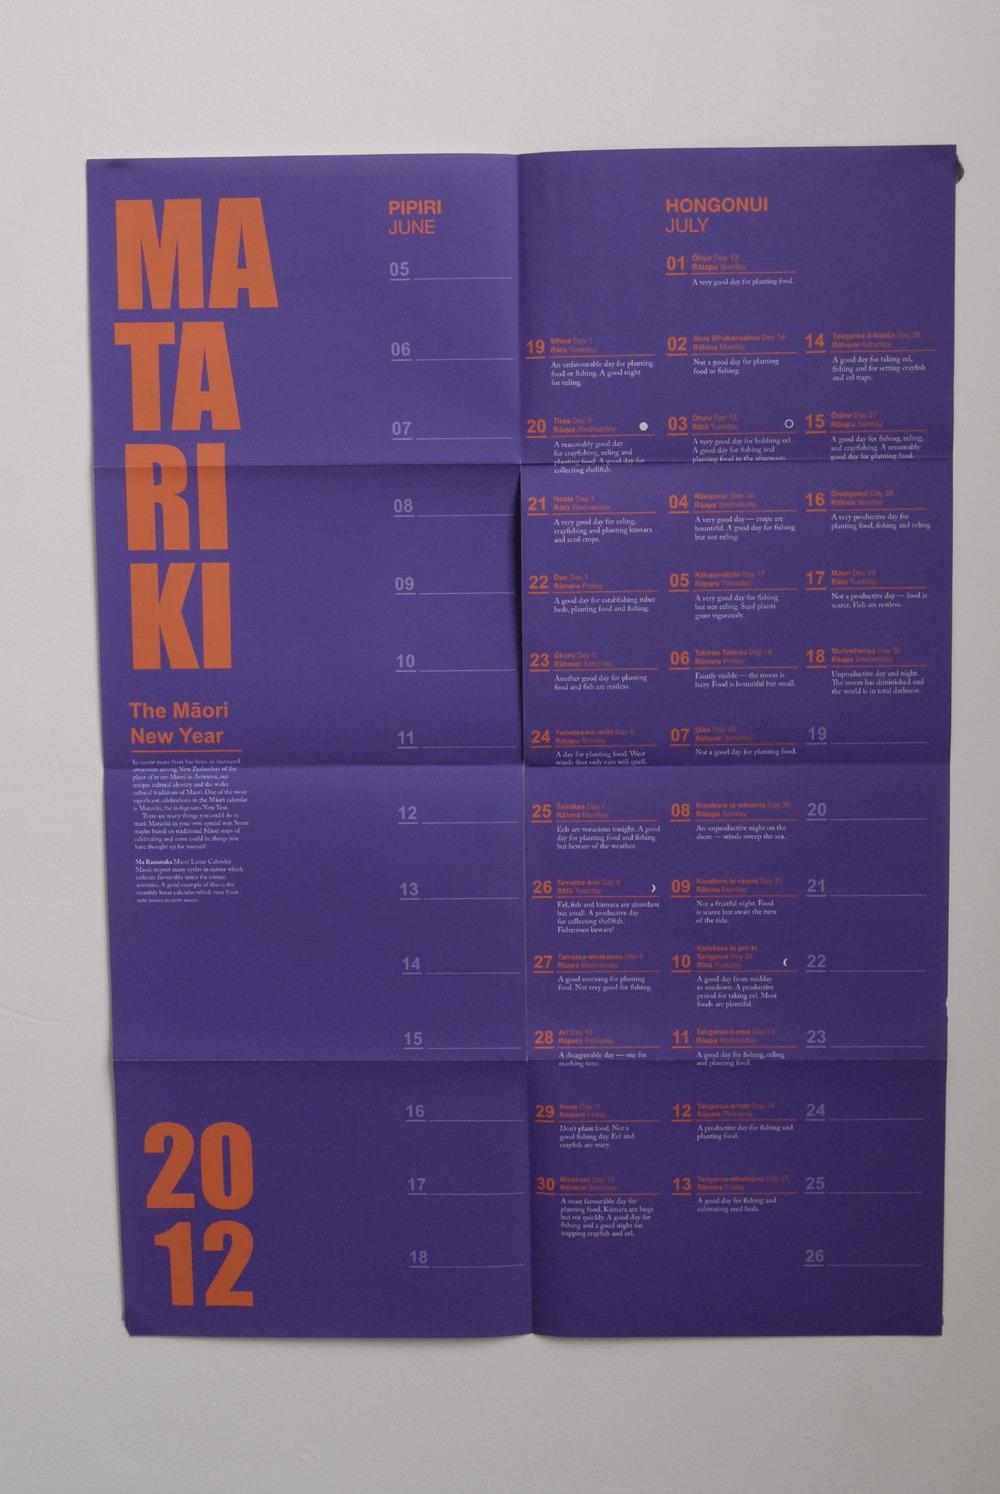 Full poster